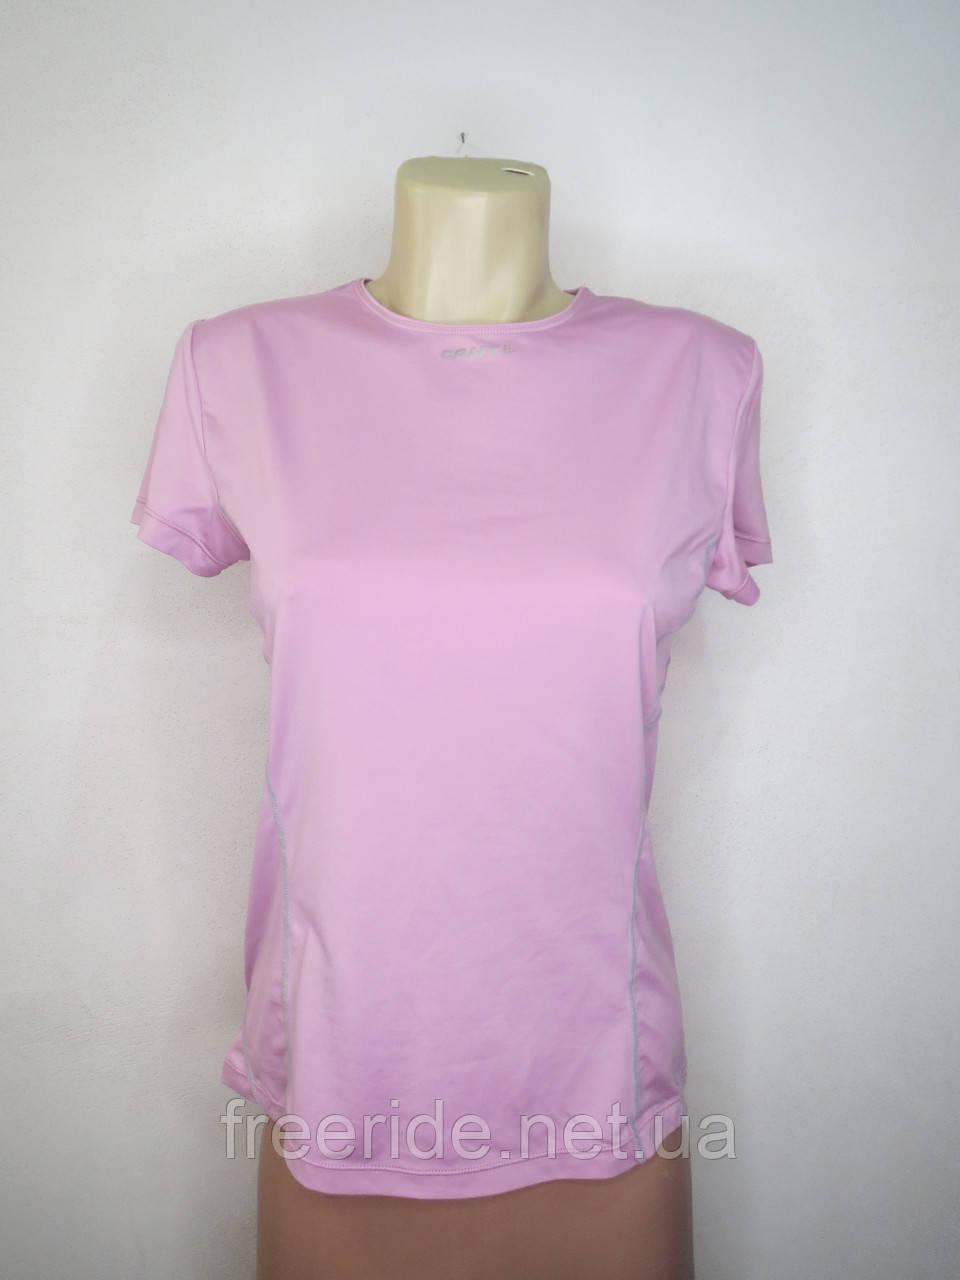 Фирменная женская футболка CRAFT (L)